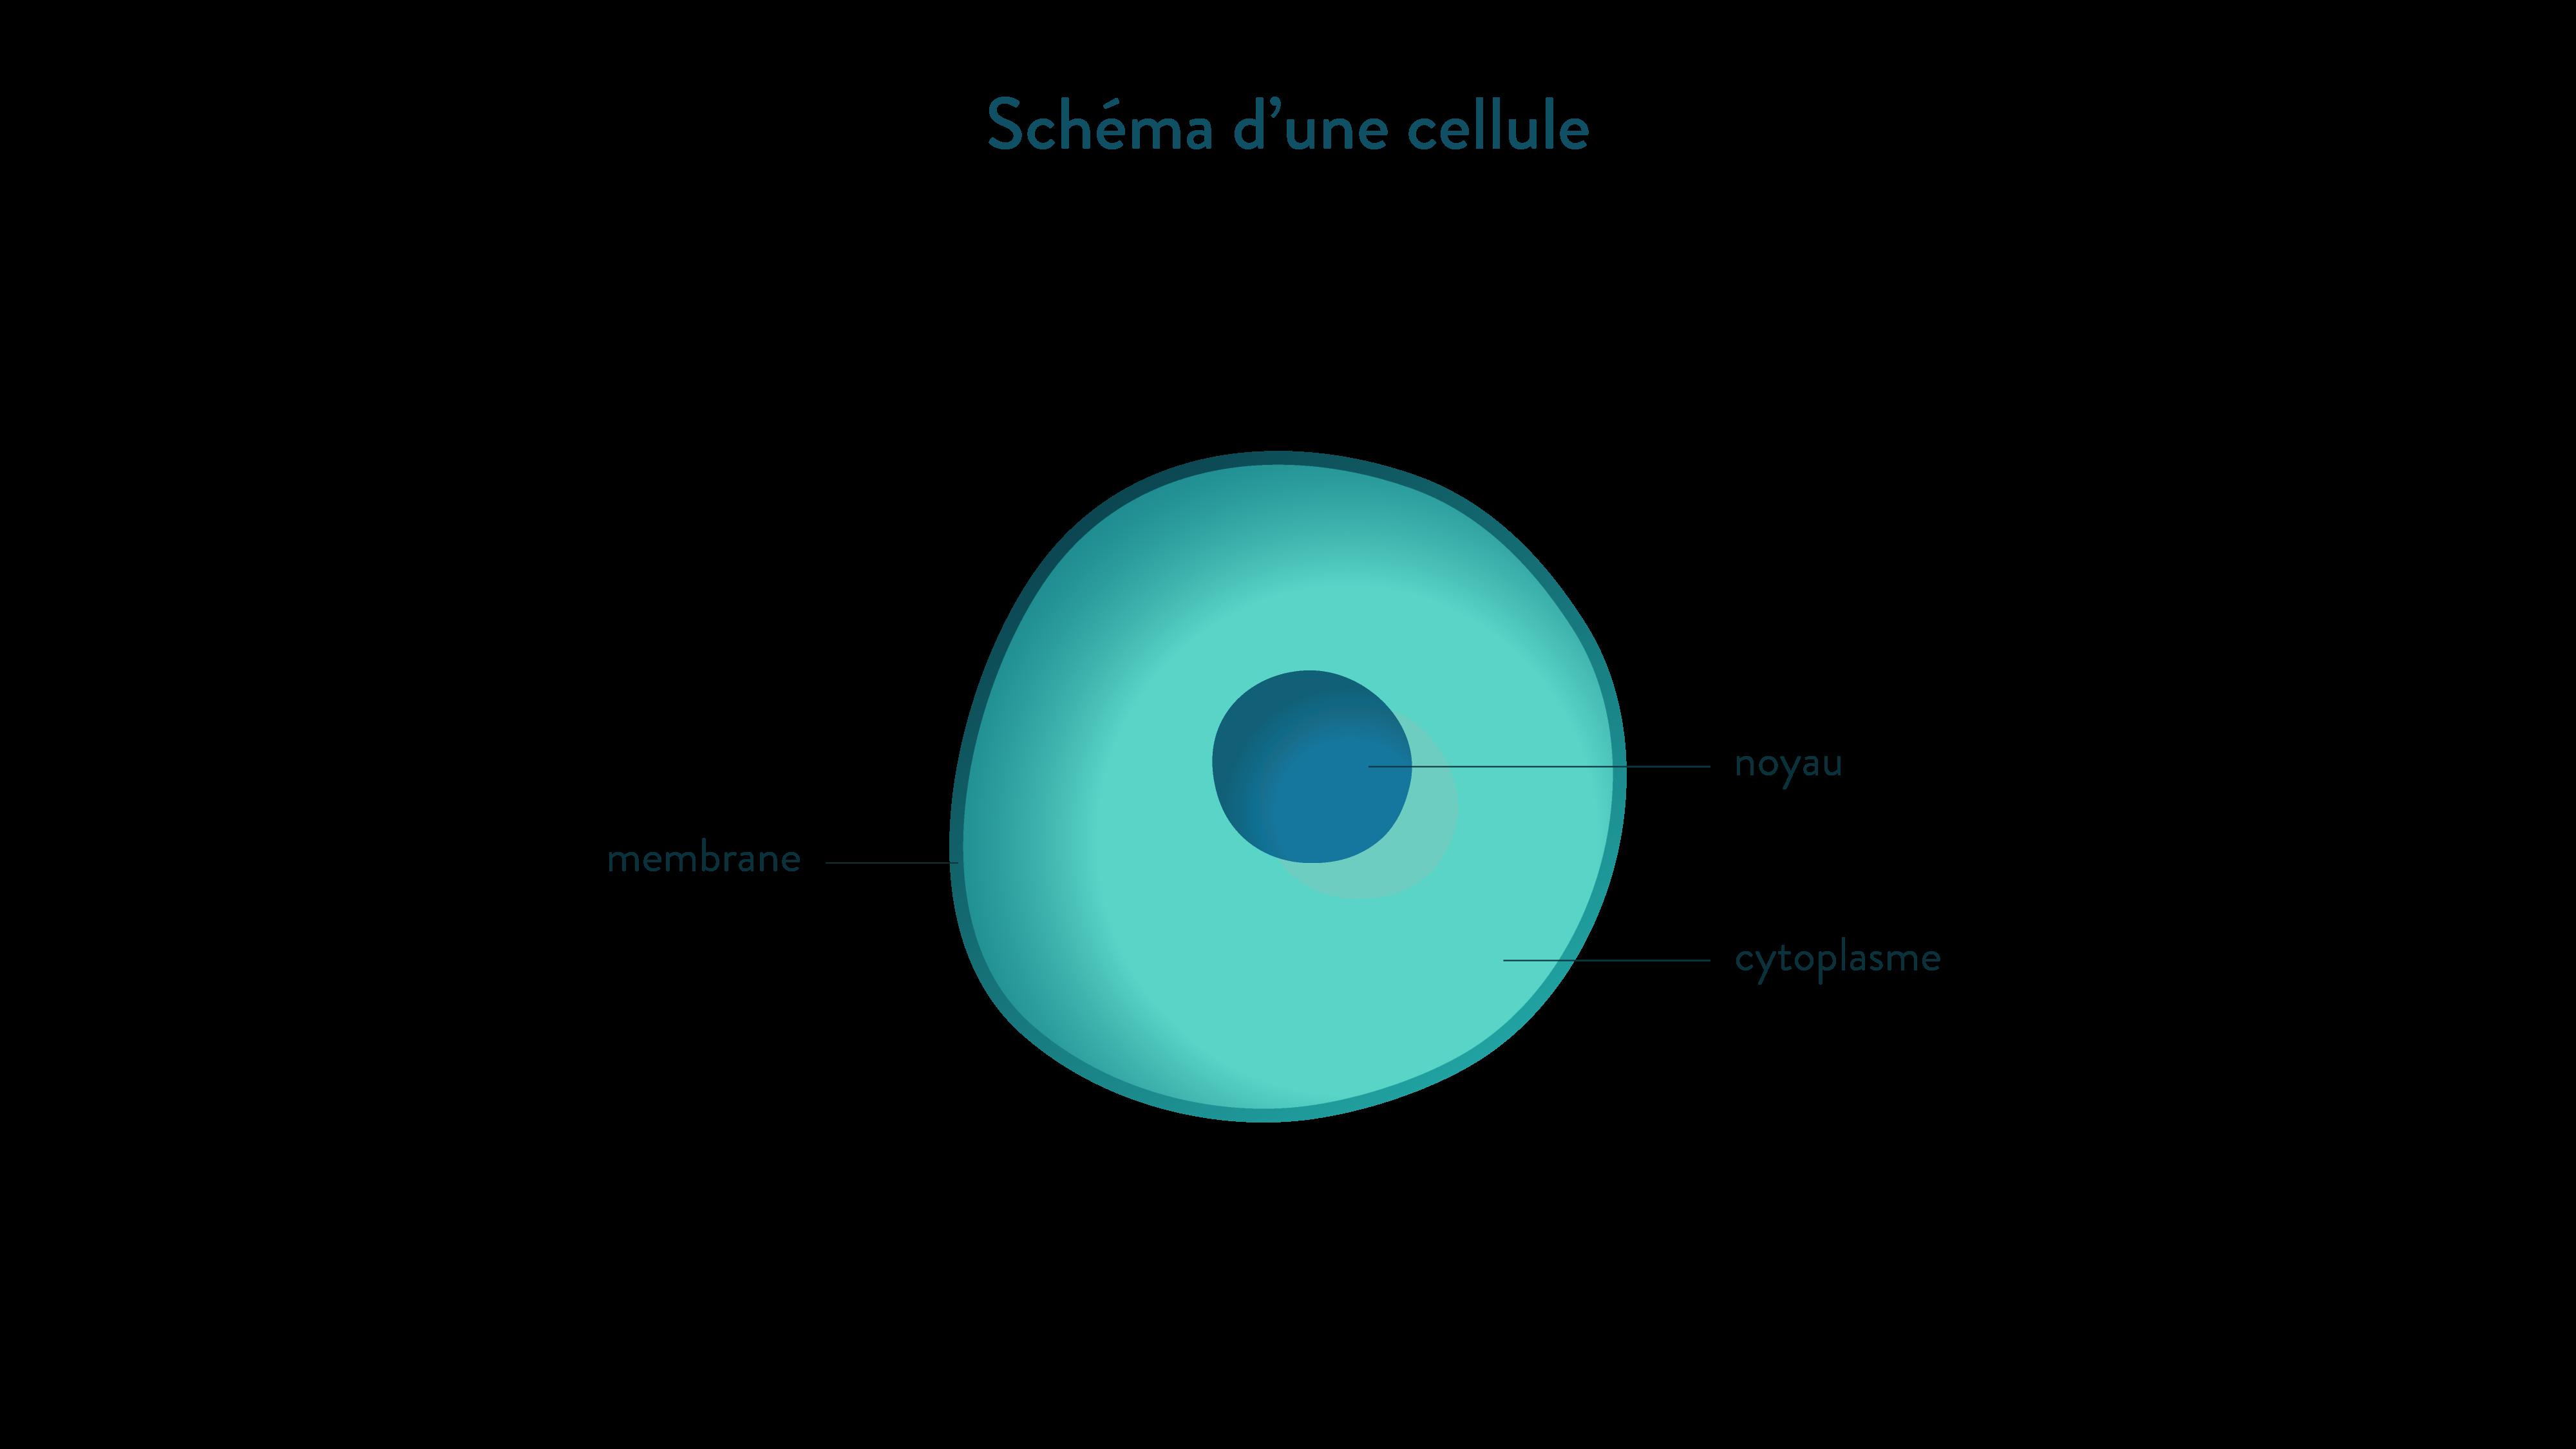 Schéma d'une cellule membrane noyau cytoplasme-svt-6eme-schoolmouv